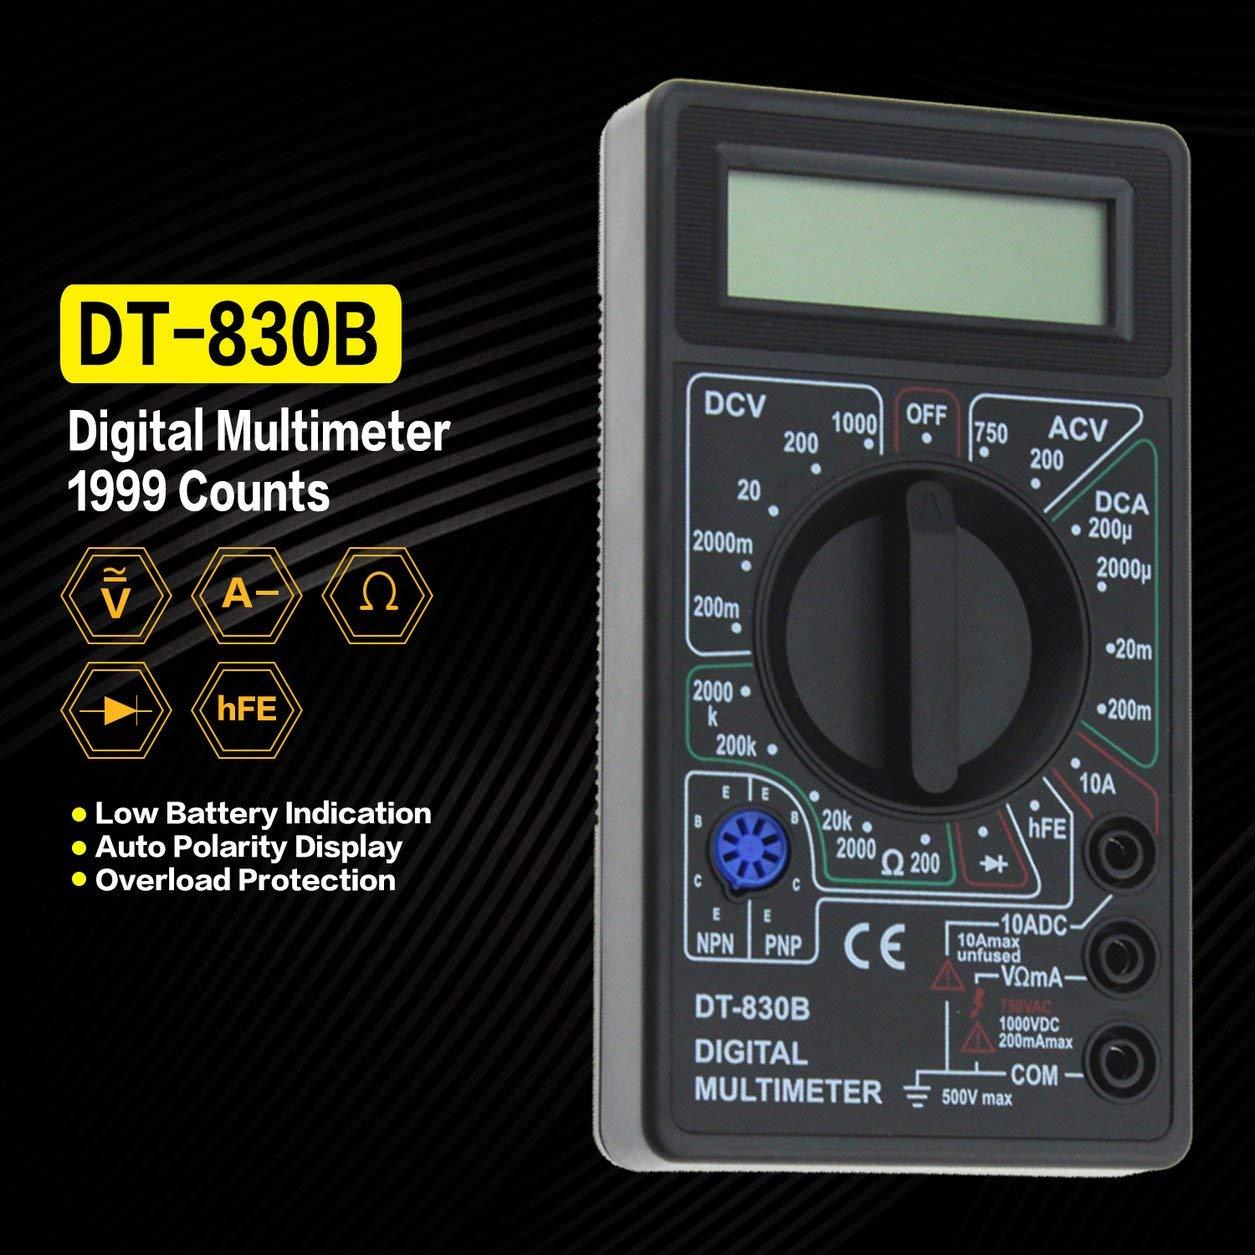 DT-830B Mini Multímetro Digital de Bolsillo 1999 Cuenta con Voltímetro de Amperímetro Amperímetro Amperímetro AC/DC Voltímetro Amperímetro (Color: ...